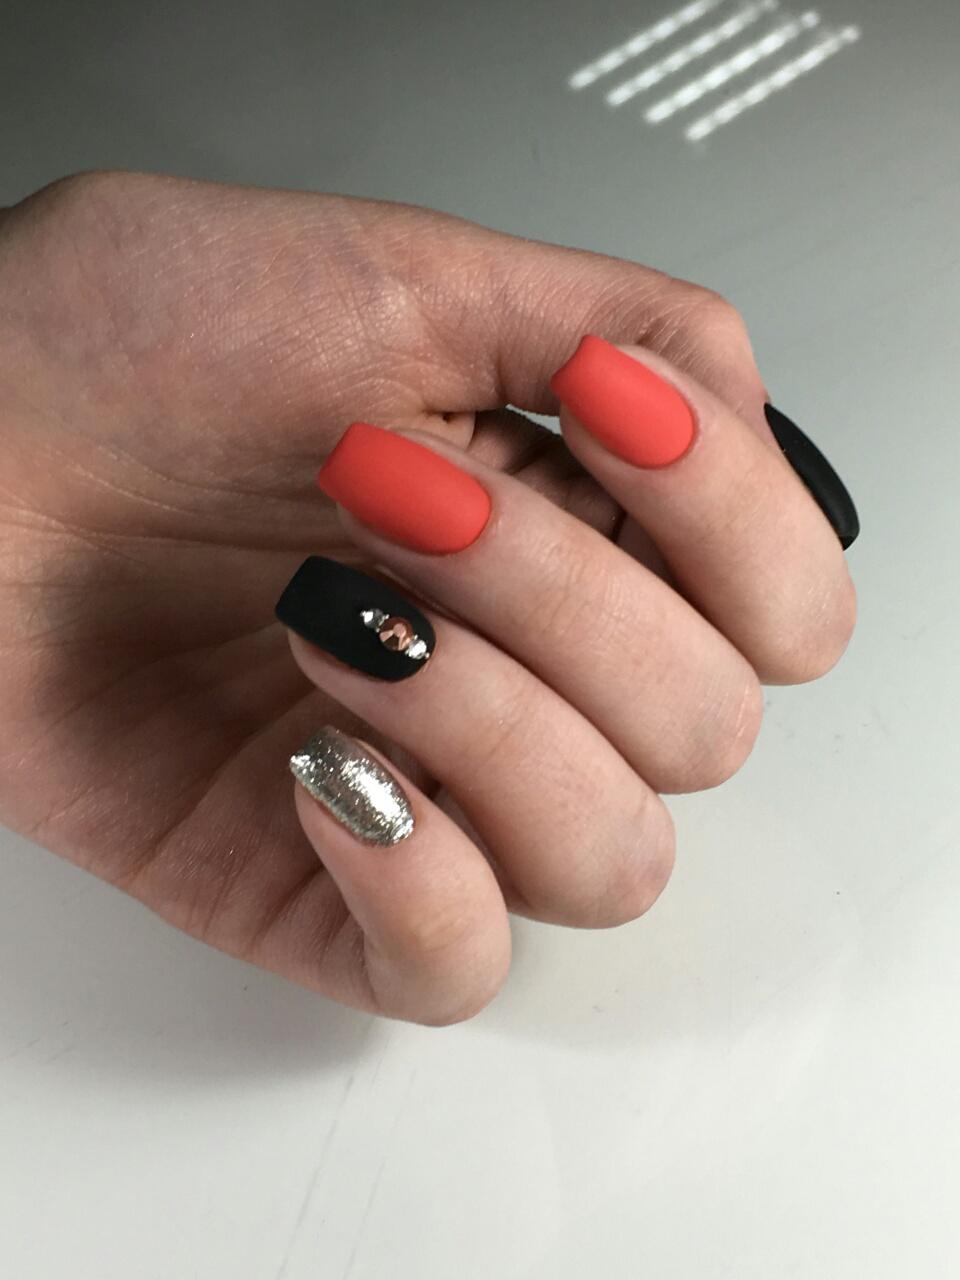 Женский маникюр/педикюр, обычное/долговременное покрытие + массаж всего от 13 руб.